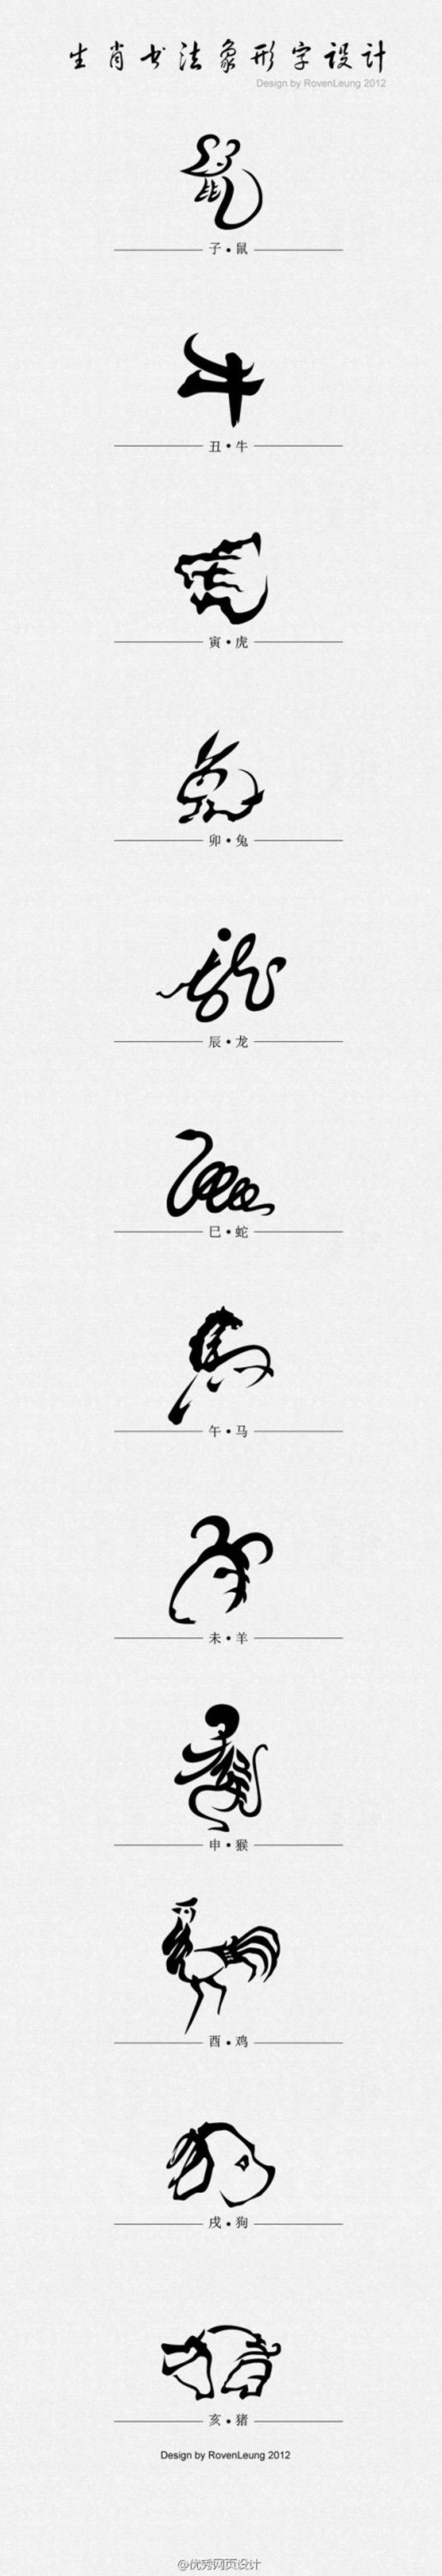 十二生肖字体设计